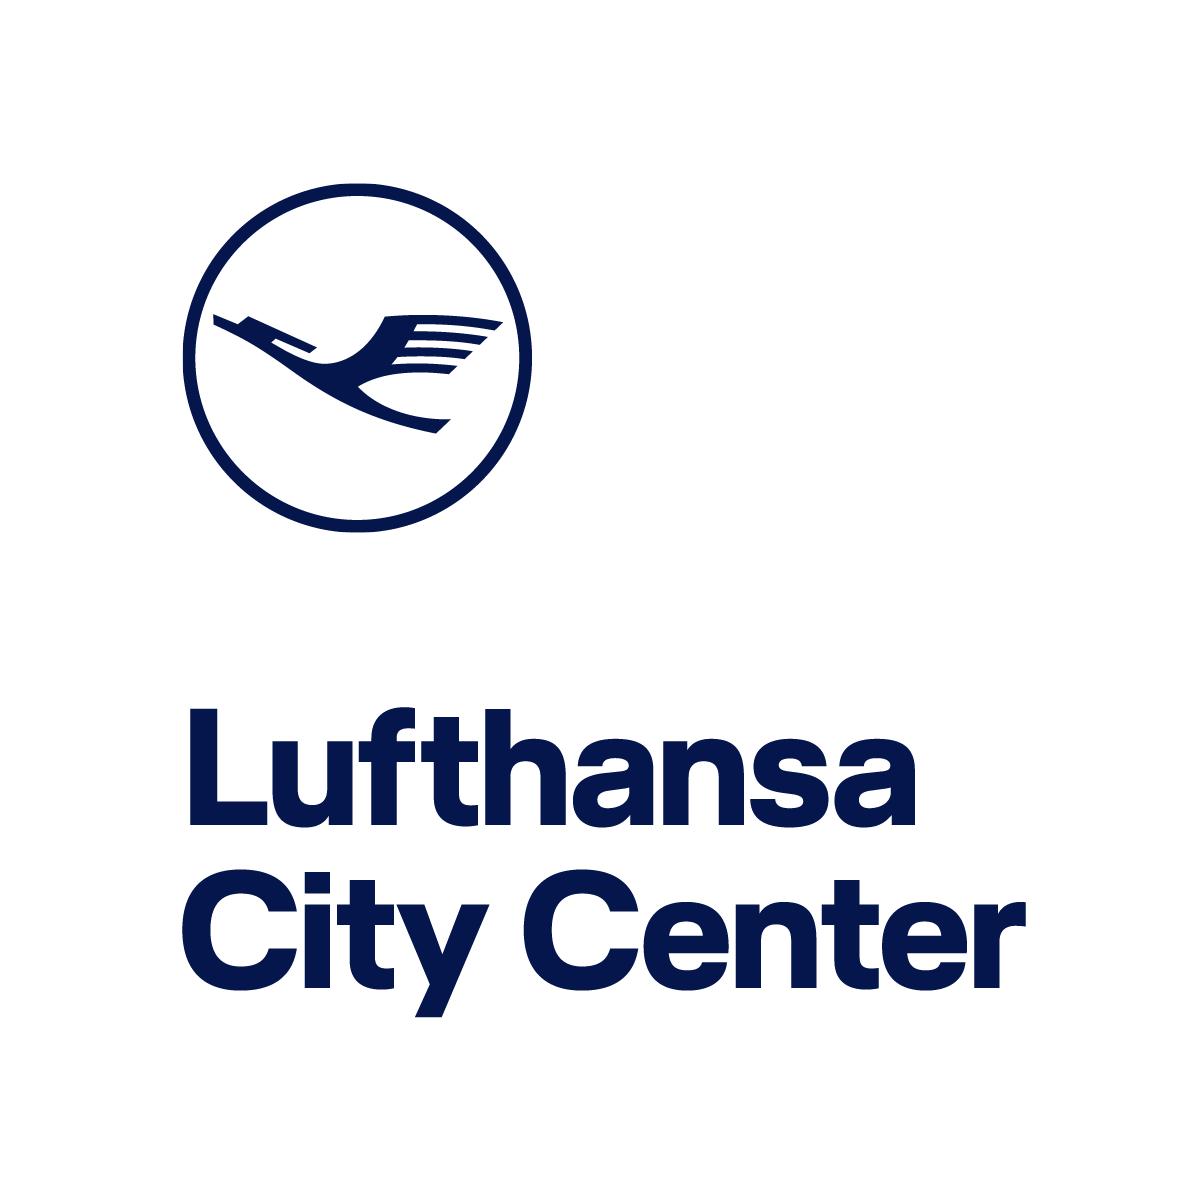 Reisebüro Schniewind Lufthansa City Center